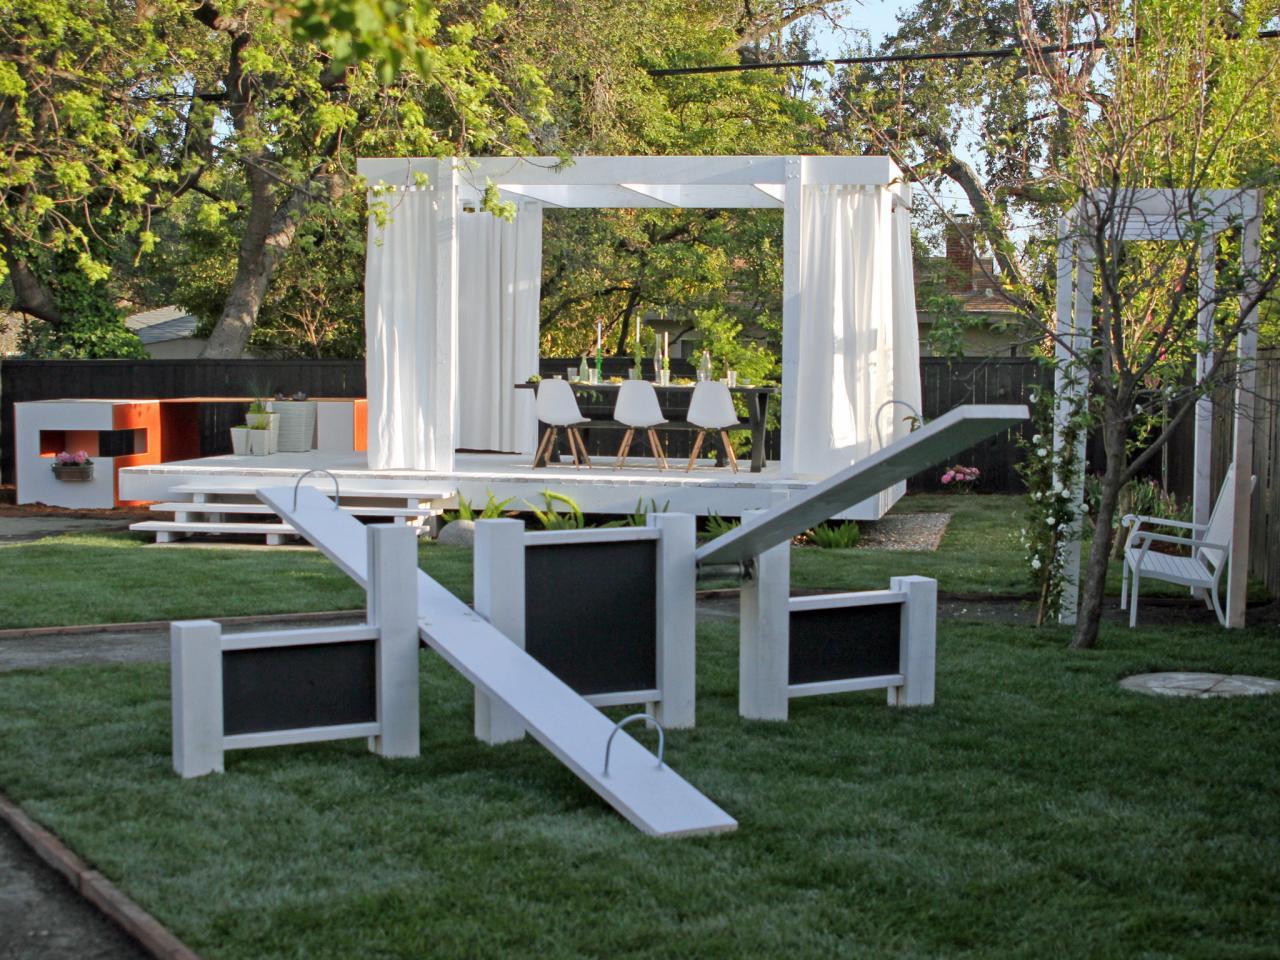 moderne gartengestaltung mit Holzterrasse weiß und Kinderspielgeräte aus holz